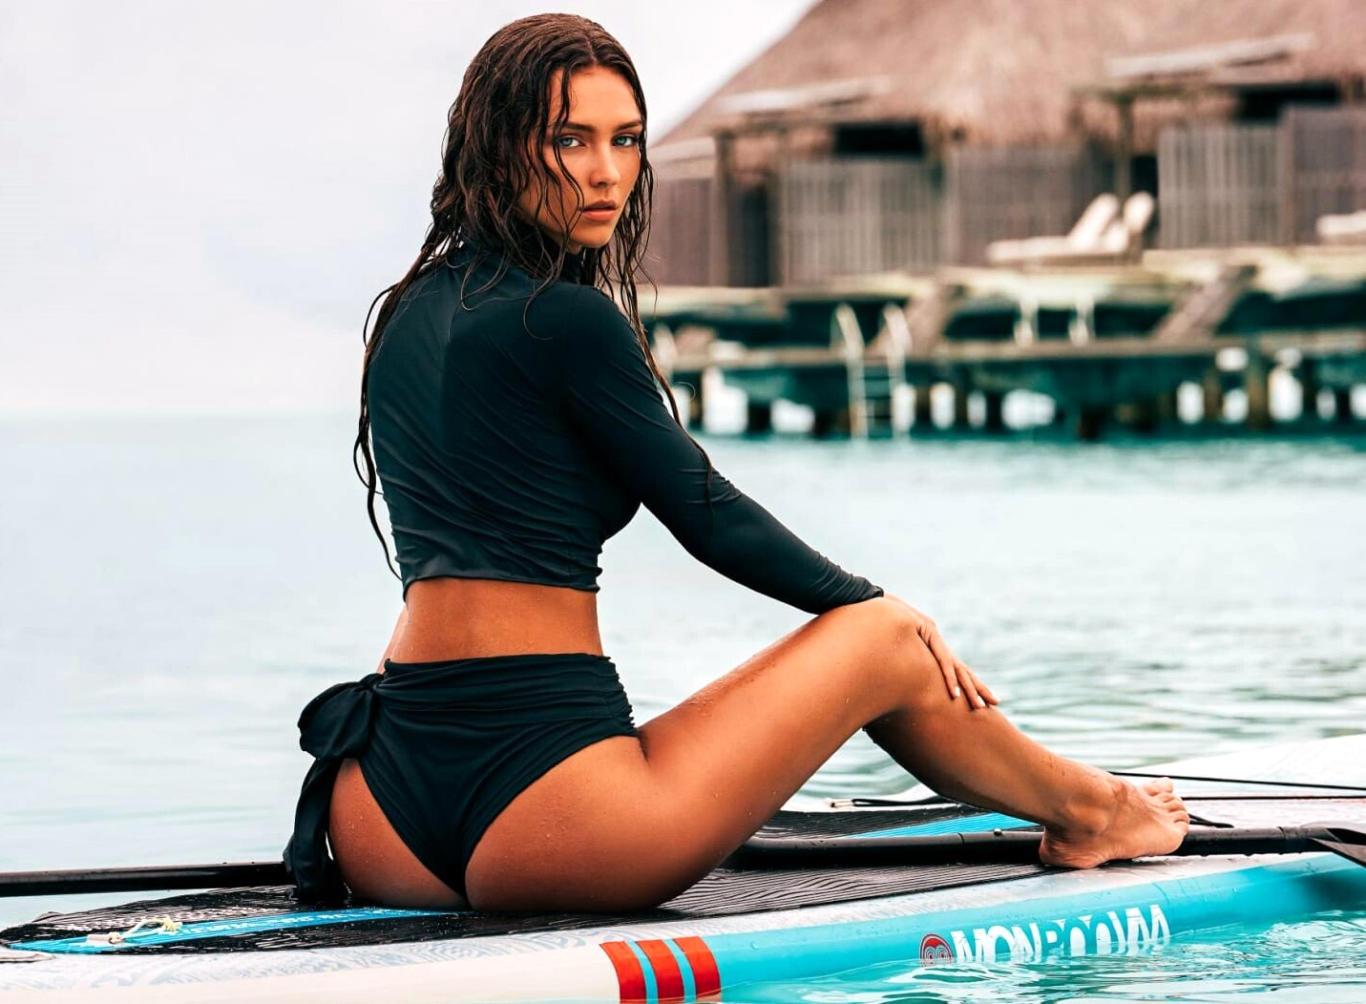 Rachel Cook Bikini Butt Hot Wallpaper